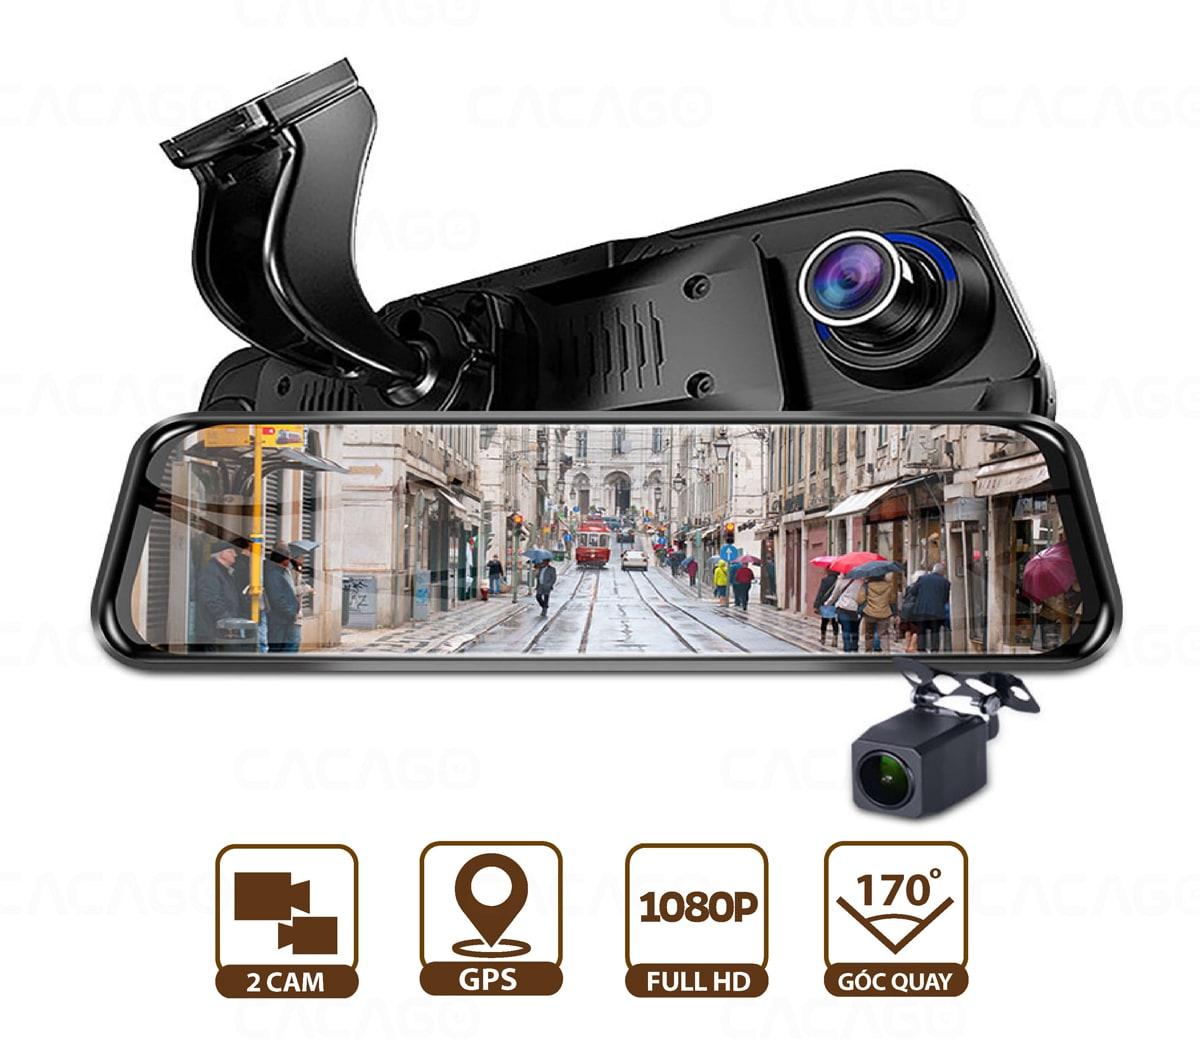 camera hành trình đa tính năng cacago g07x